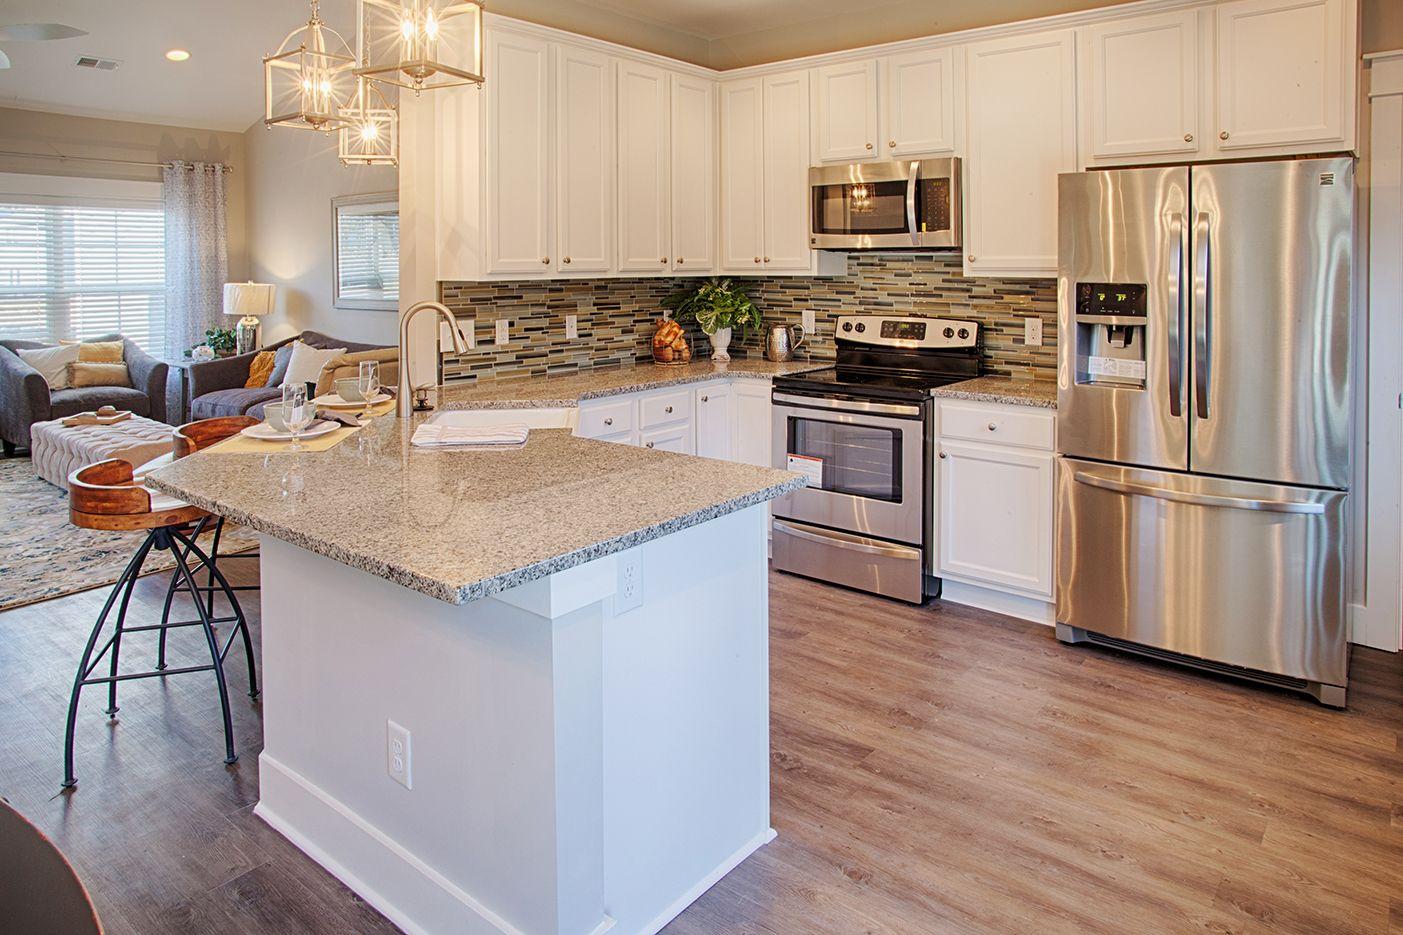 Kitchen featured in The Monterey By Village Park Homes in Savannah, GA